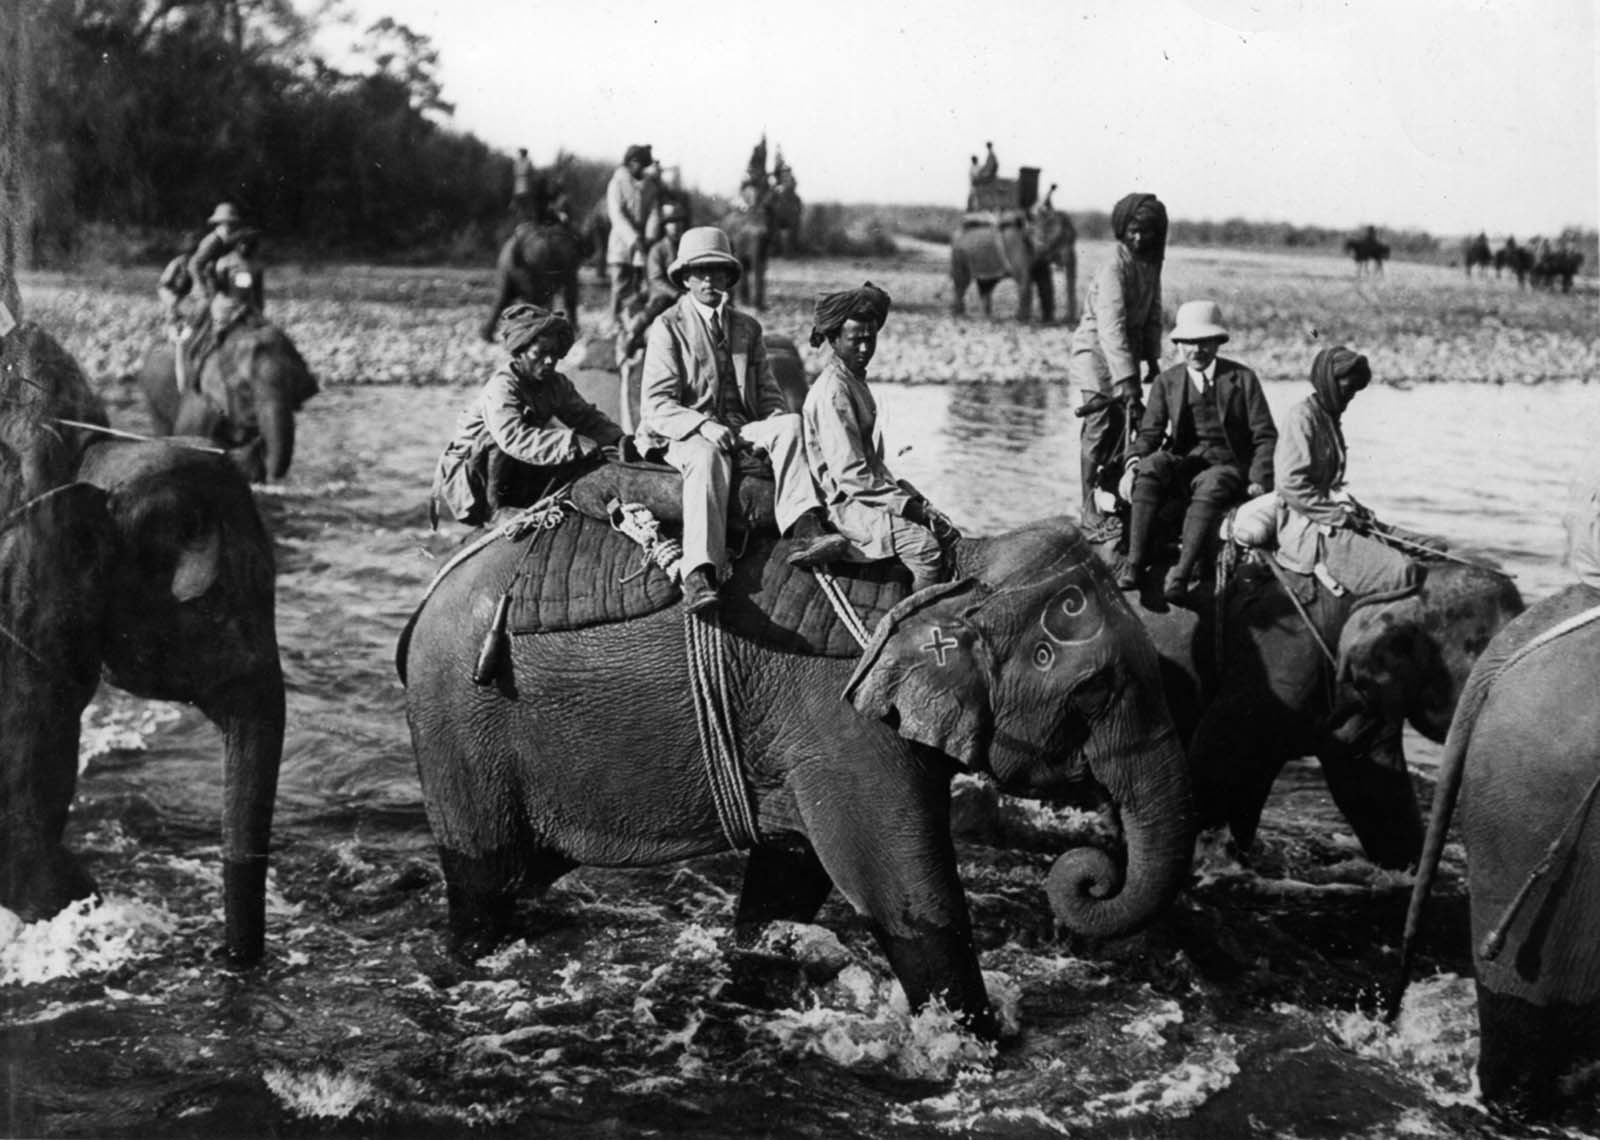 Em 1911 a realeza britânica foi à Índia para ser coroada e aproveitou para caçar 16